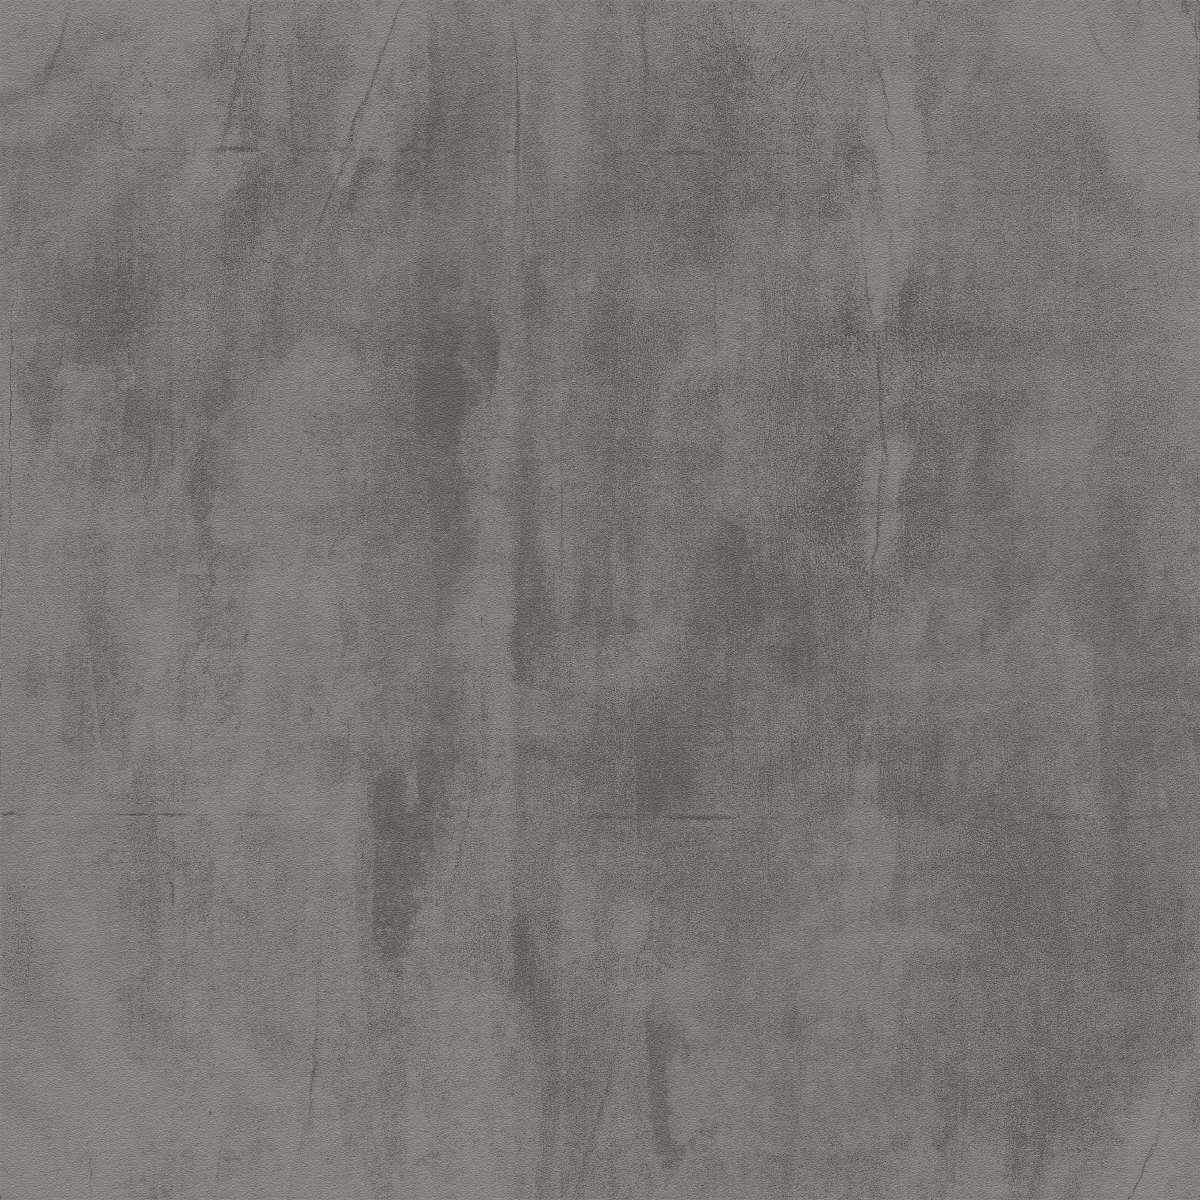 Papel De Parede Bobinex Natural 1436 Cimento Queimado Azul R$ 189 00  #696562 1200x1200 Banheiro Com Parede De Cimento Queimado